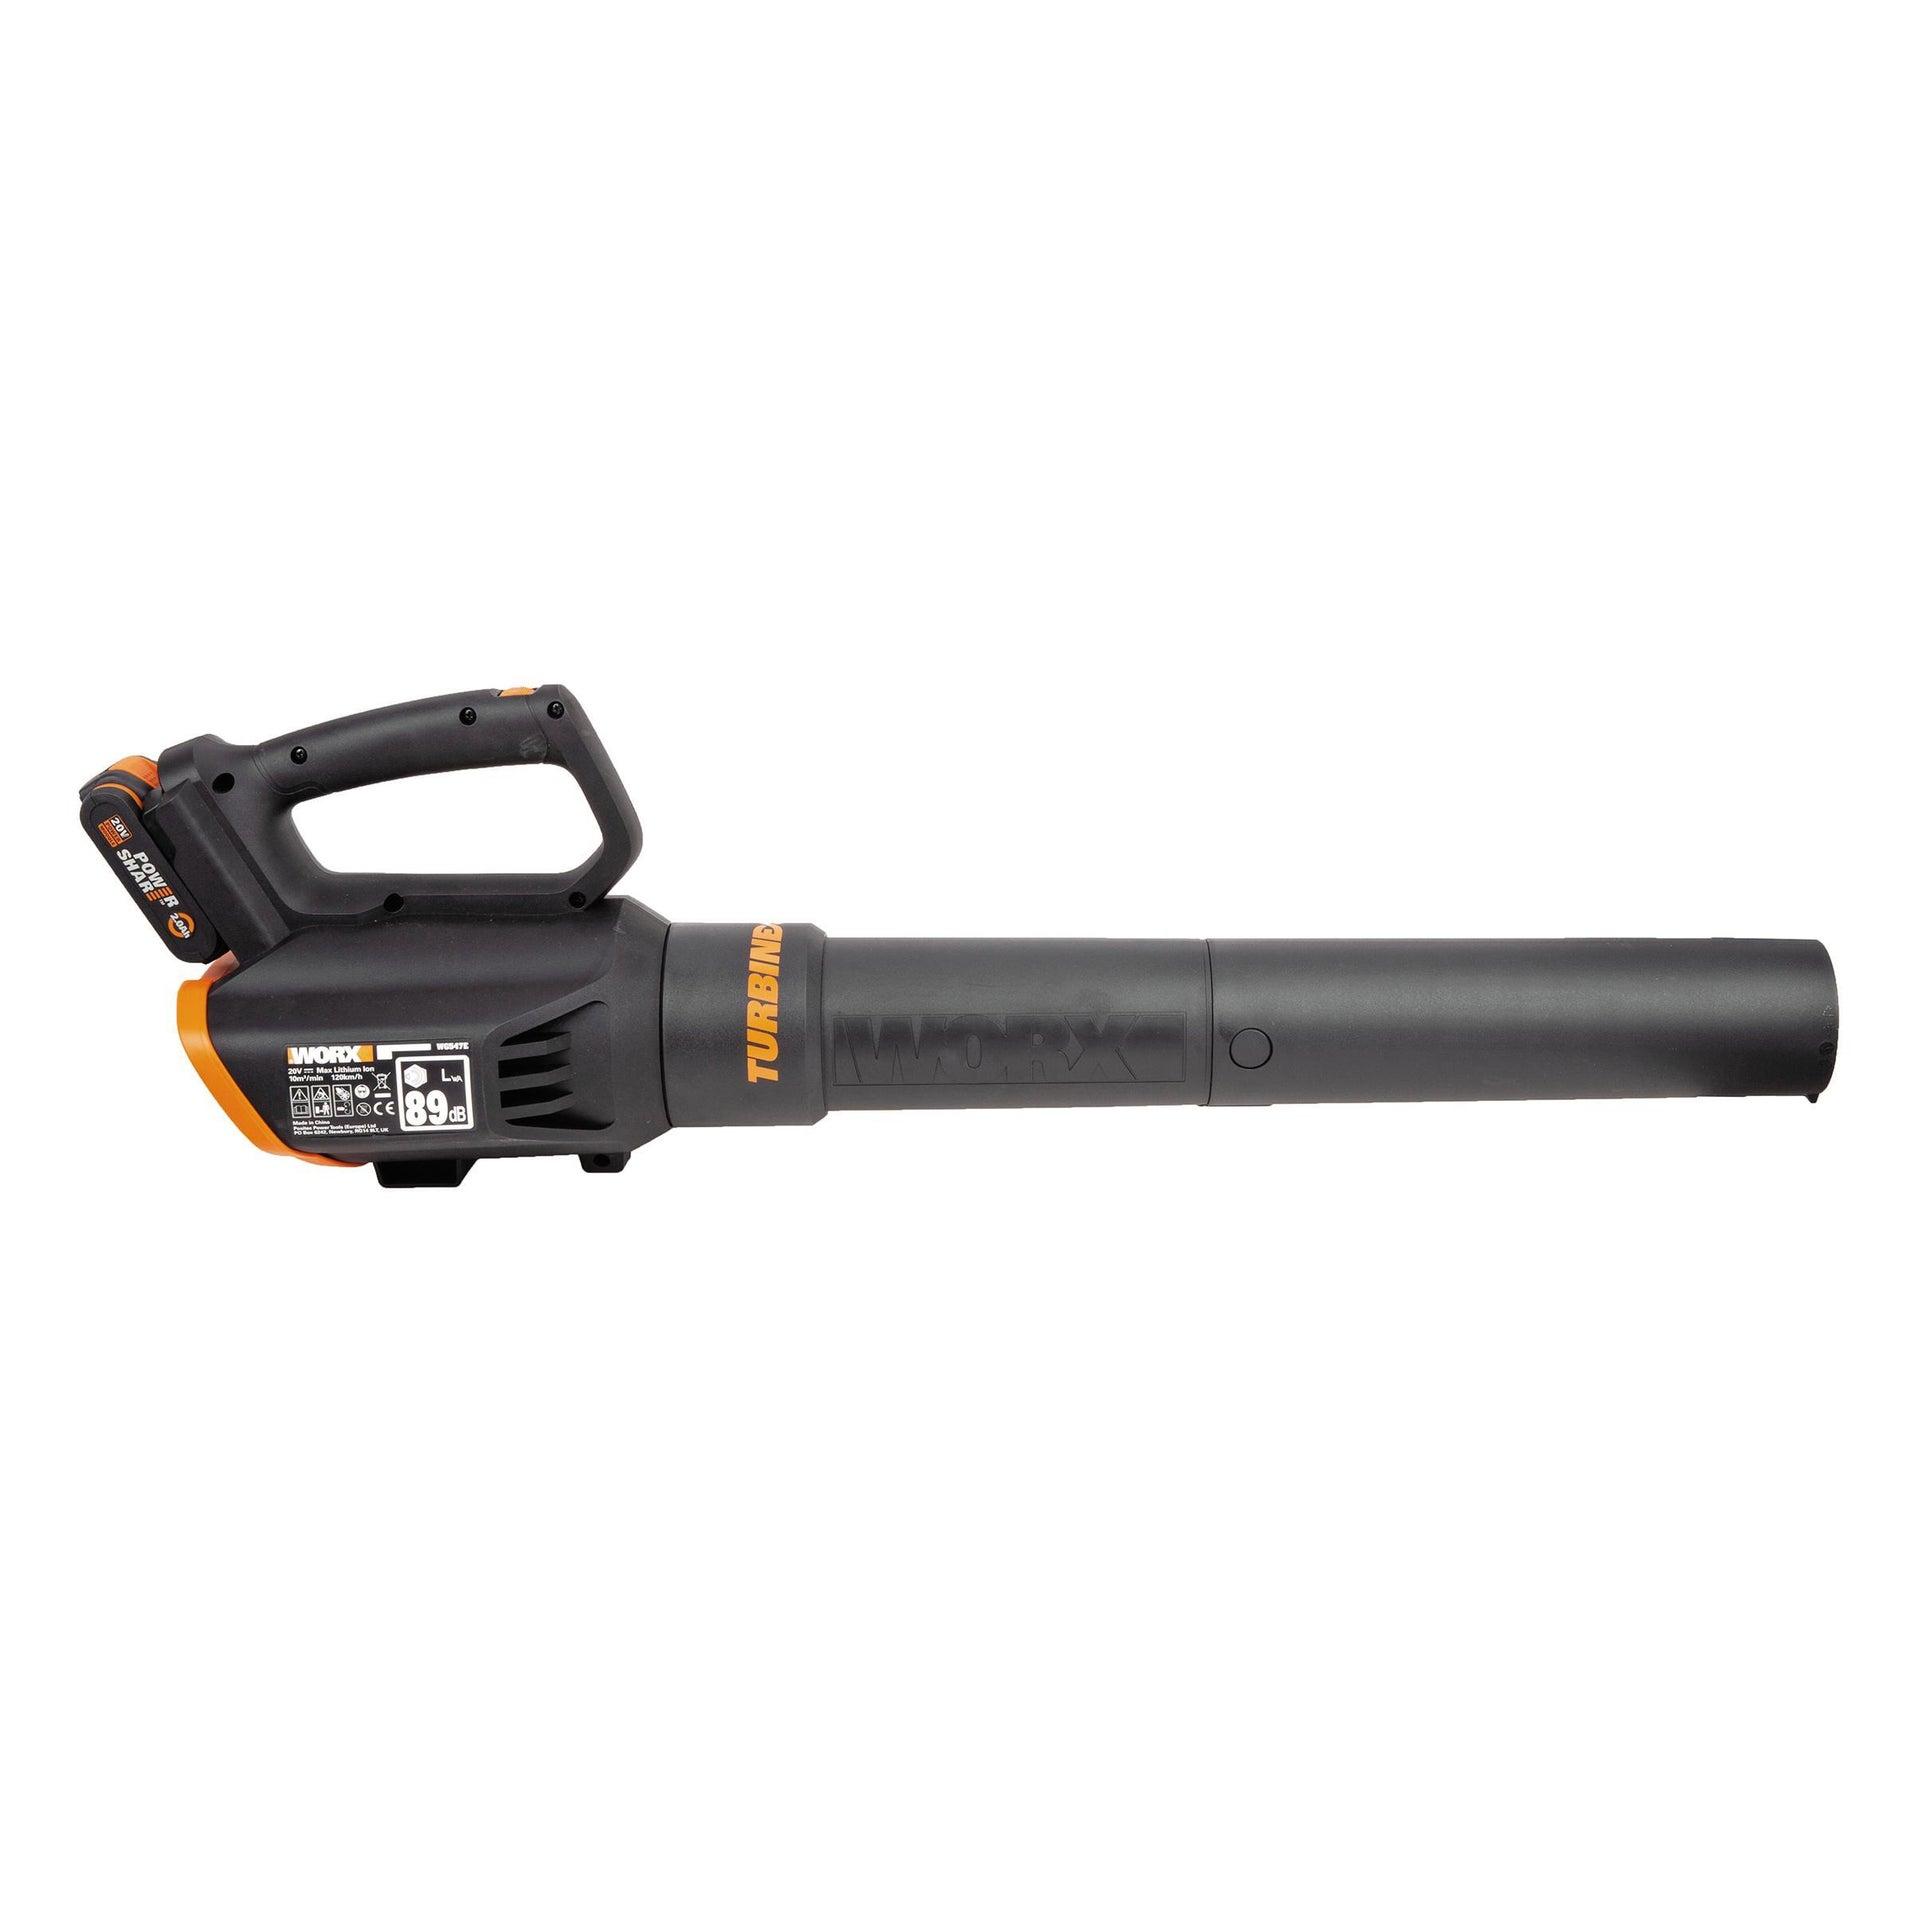 Soffiatore a batteria WORX WG547E, 20 V - 4